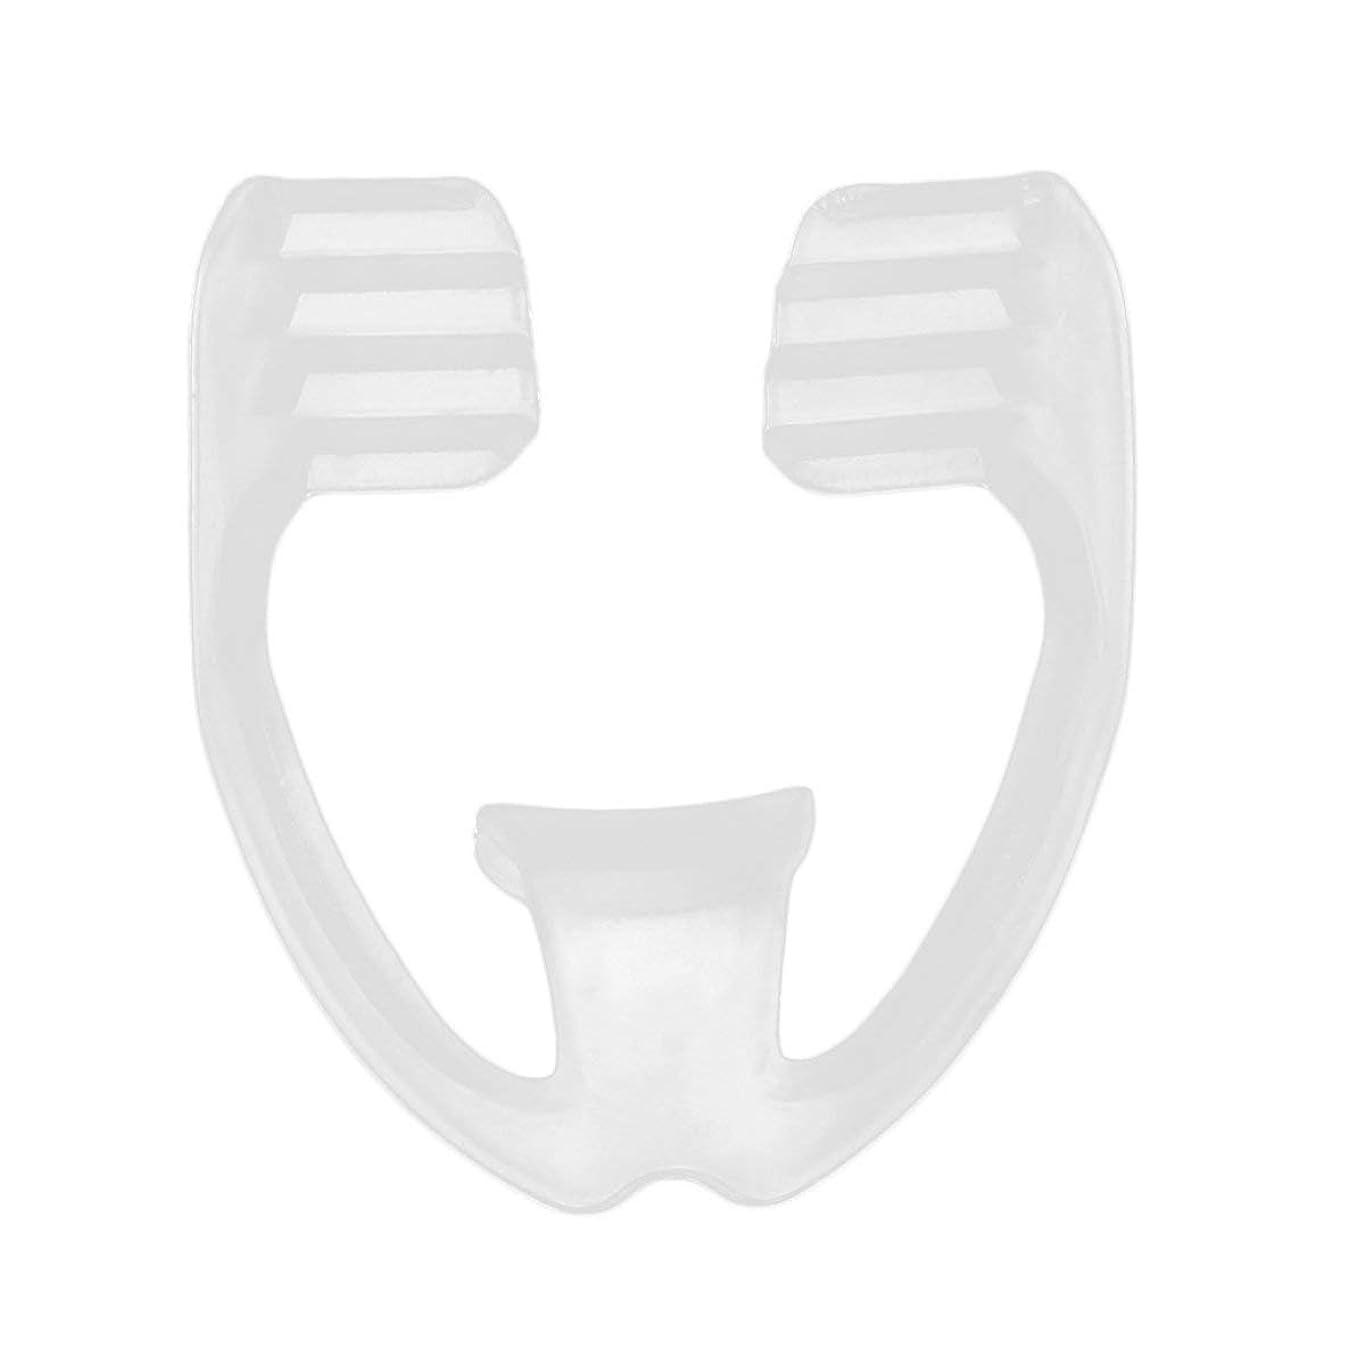 餌長くするリブユニバーサルナイトスリープマウスガードストップ歯ひび割れ防止いびきボディヘルスケア睡眠補助ガード - 透明